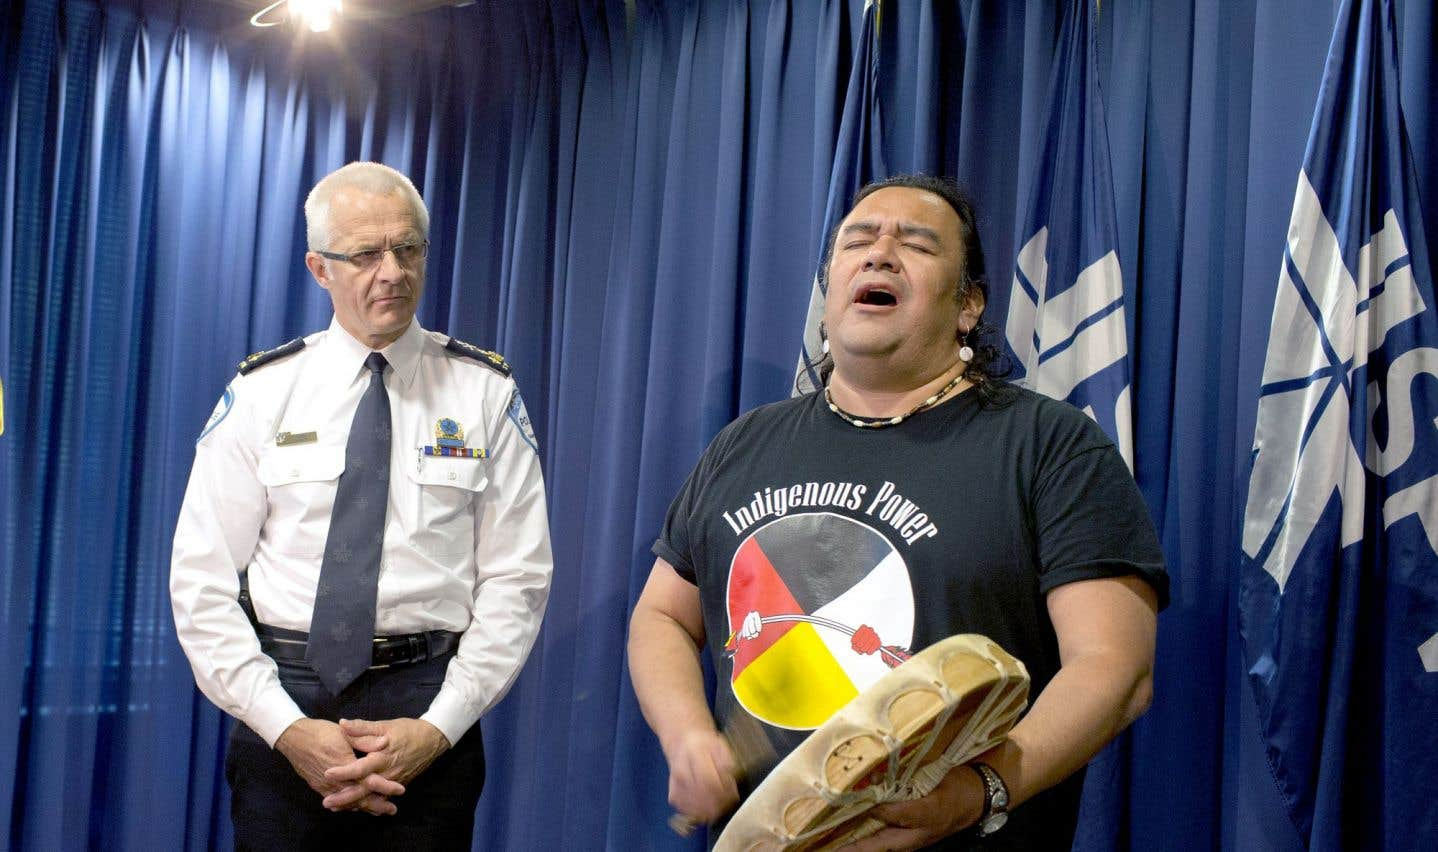 Le SPVM veut travailler plus étroitement avec  les autochtones